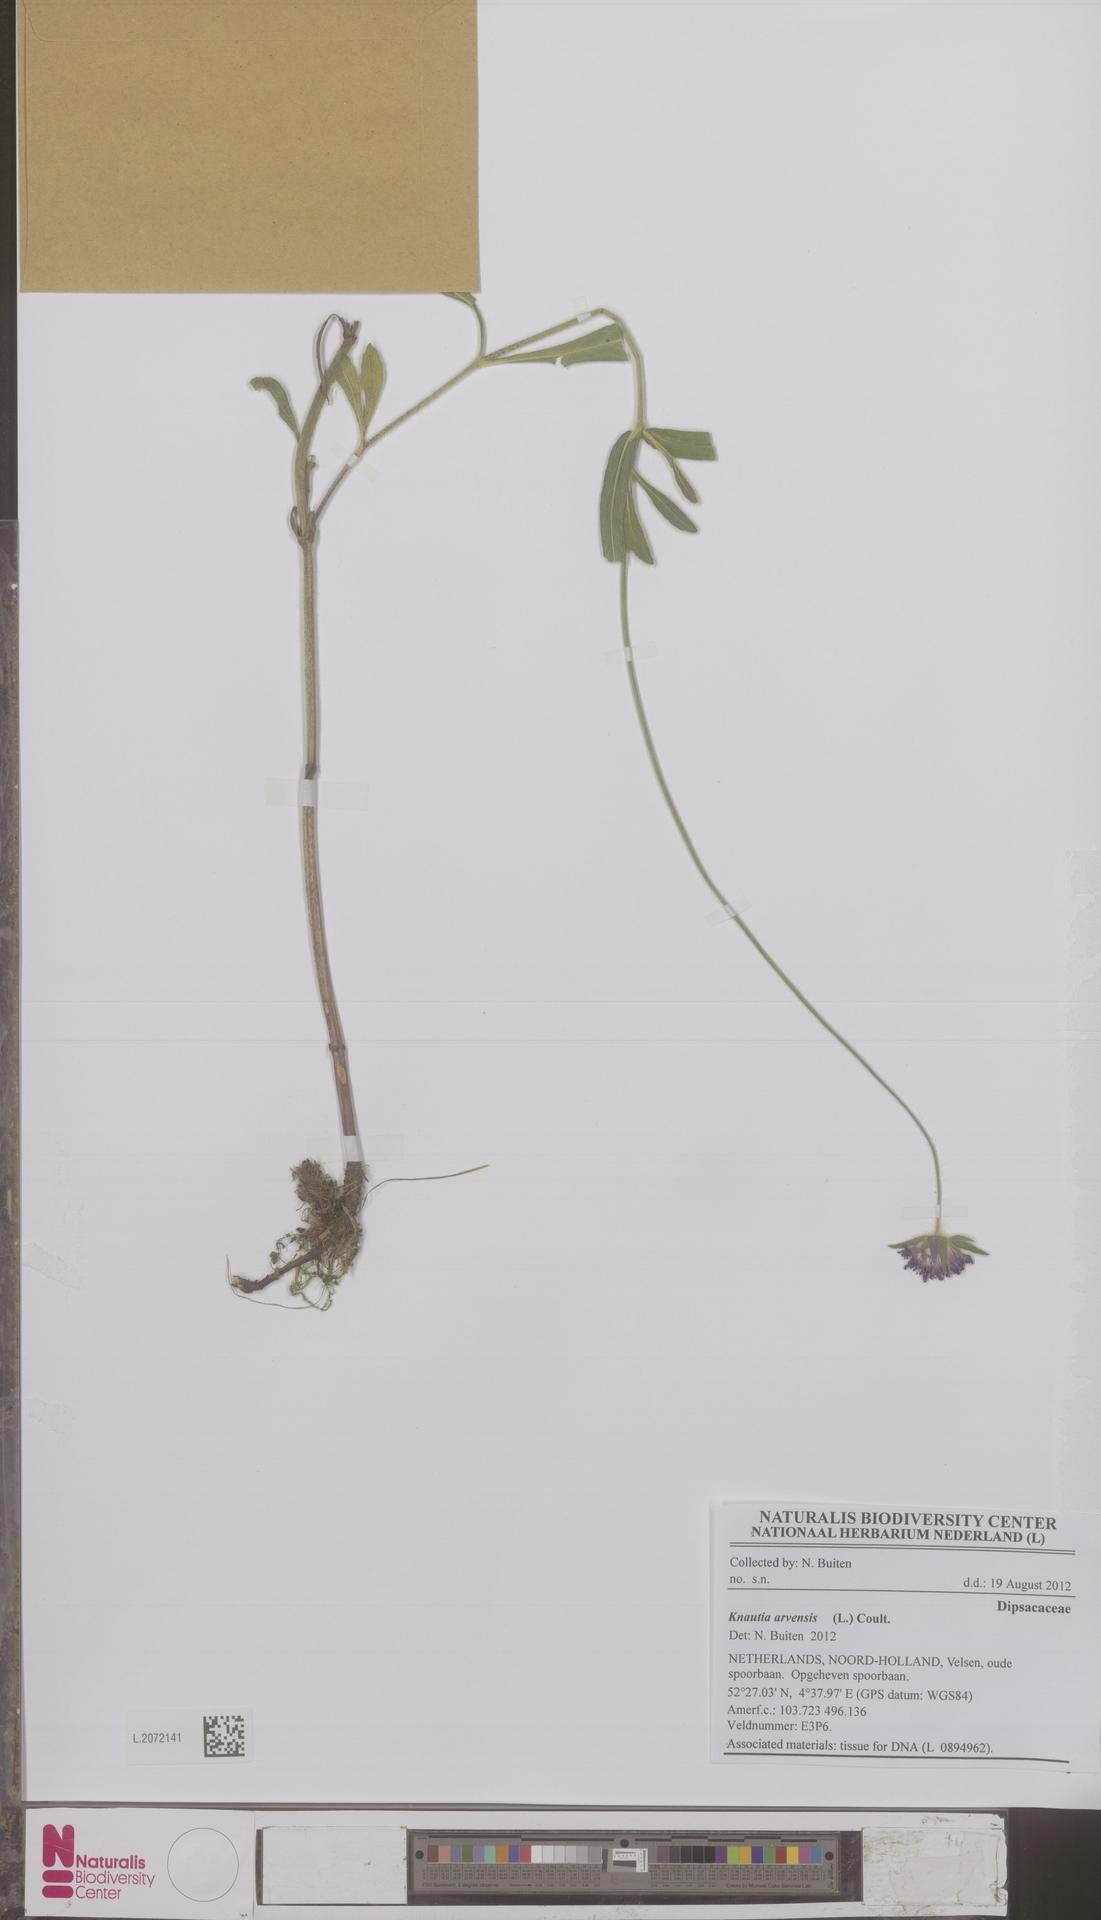 L.2072141 | Knautia arvensis (L.) Coult.